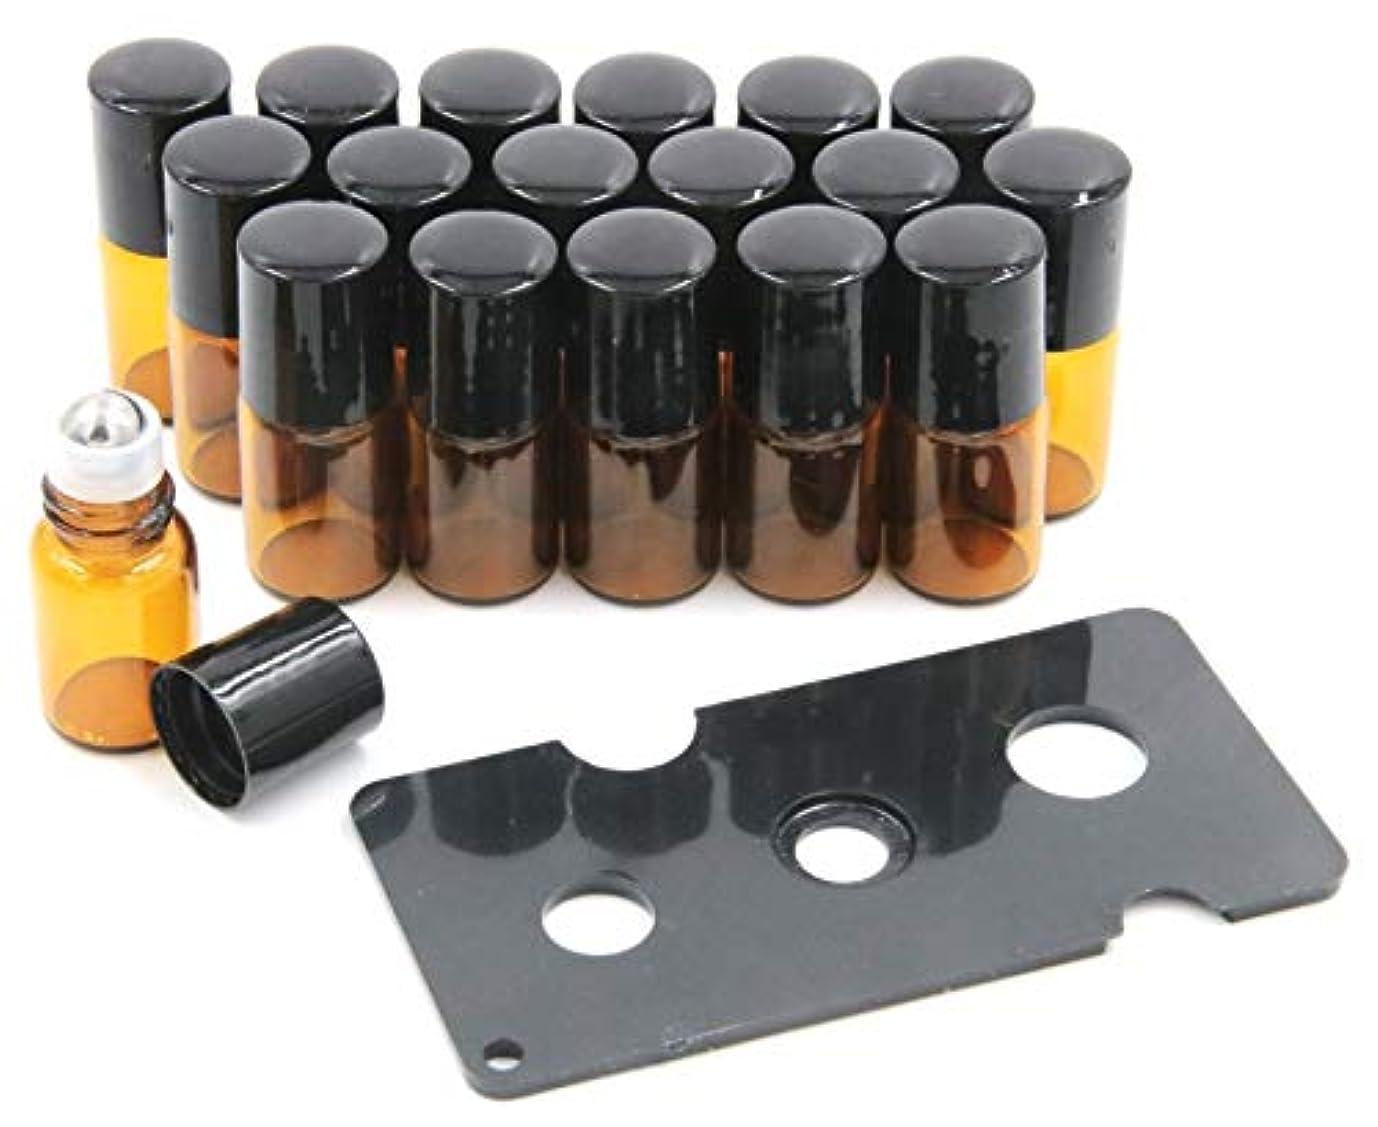 予測スケジュール平日XPdesign アロマ ロールオン遮光瓶 アロマオイル 遮光瓶 保存 容器 小分け 詰め替え 香水 ボトル (2ml18本セット)